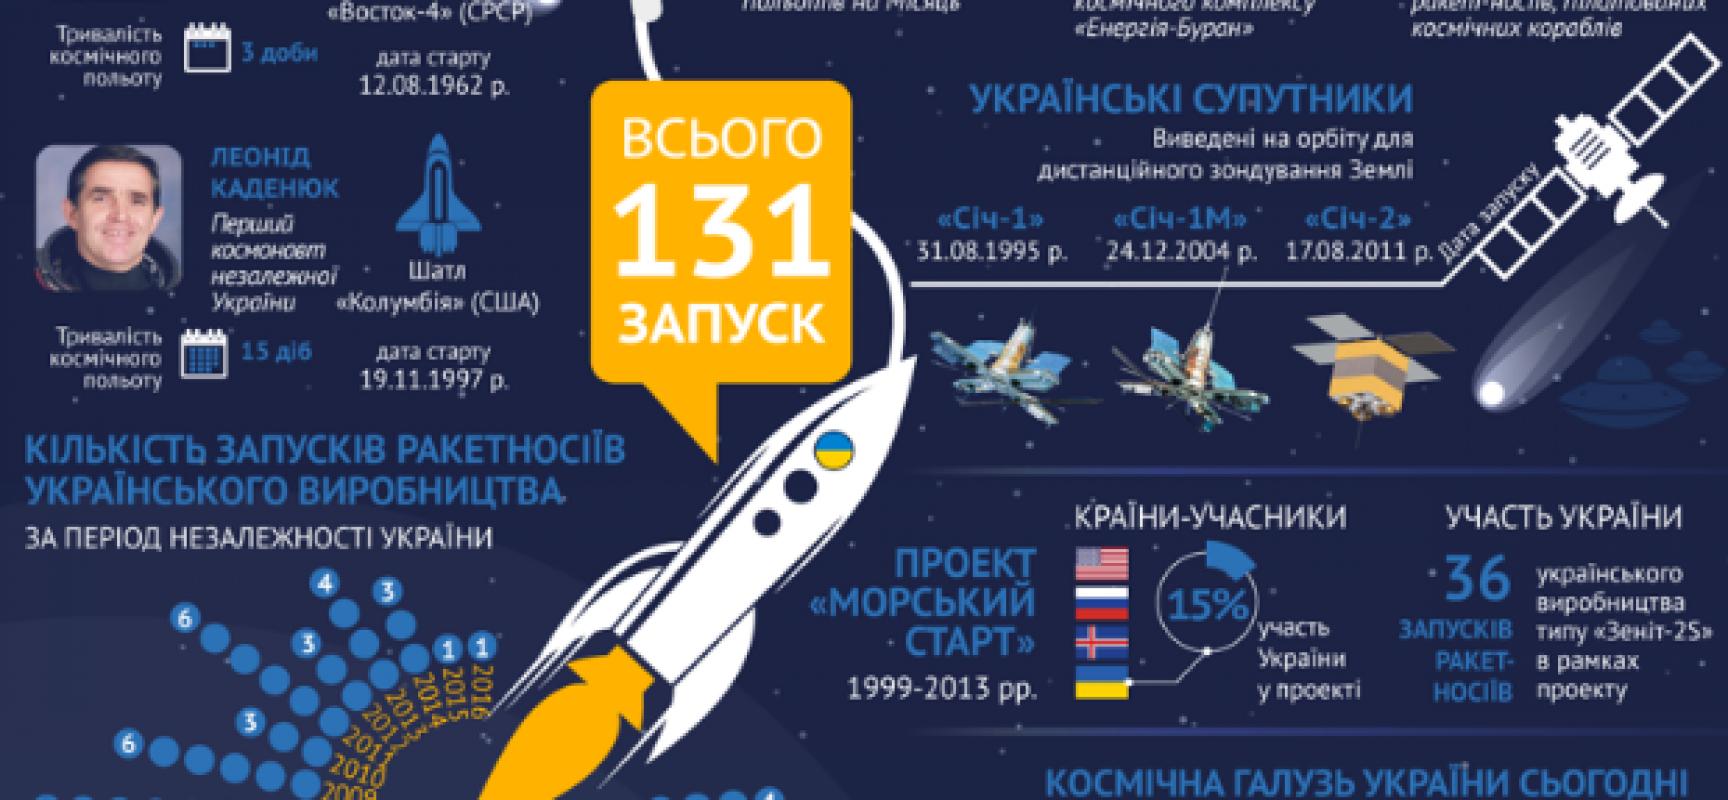 Fake : Scienza e Tecnologia in Ucraina al collasso